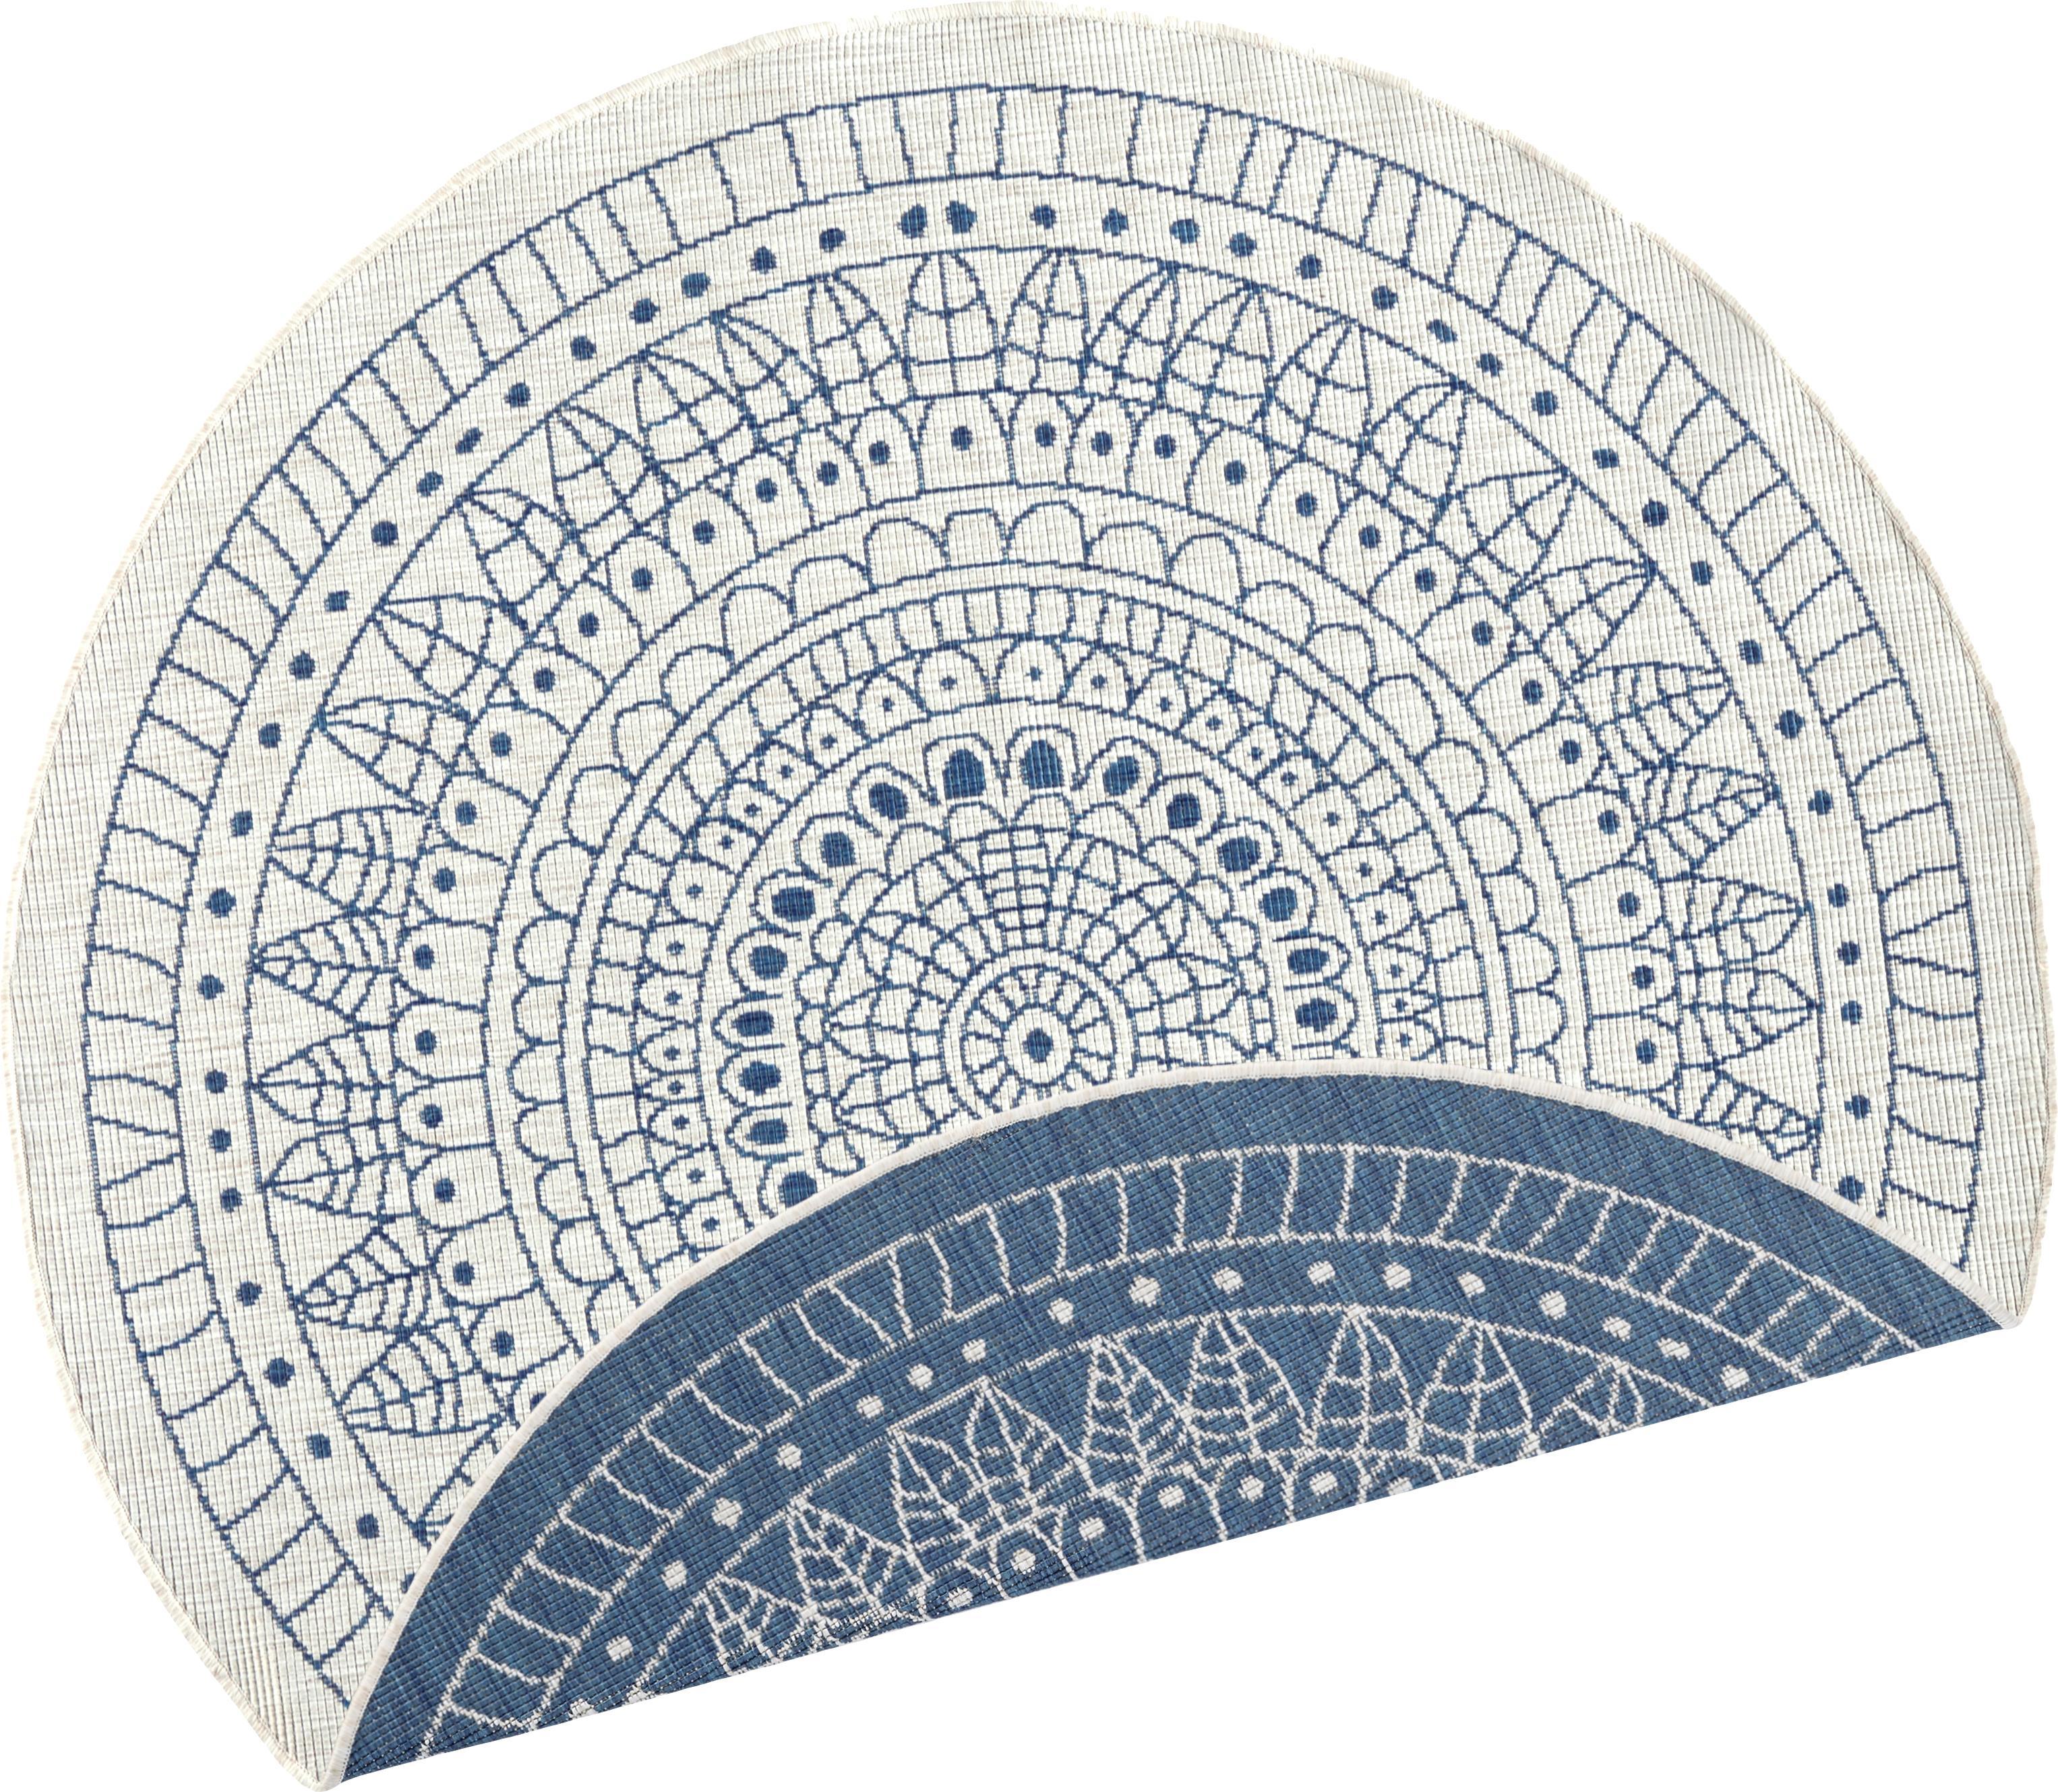 Runder In- & Outdoor-Wendeteppich Porto in Blau/Creme, gemustert, Blau, Cremefarben, Ø 140 cm (Größe M)